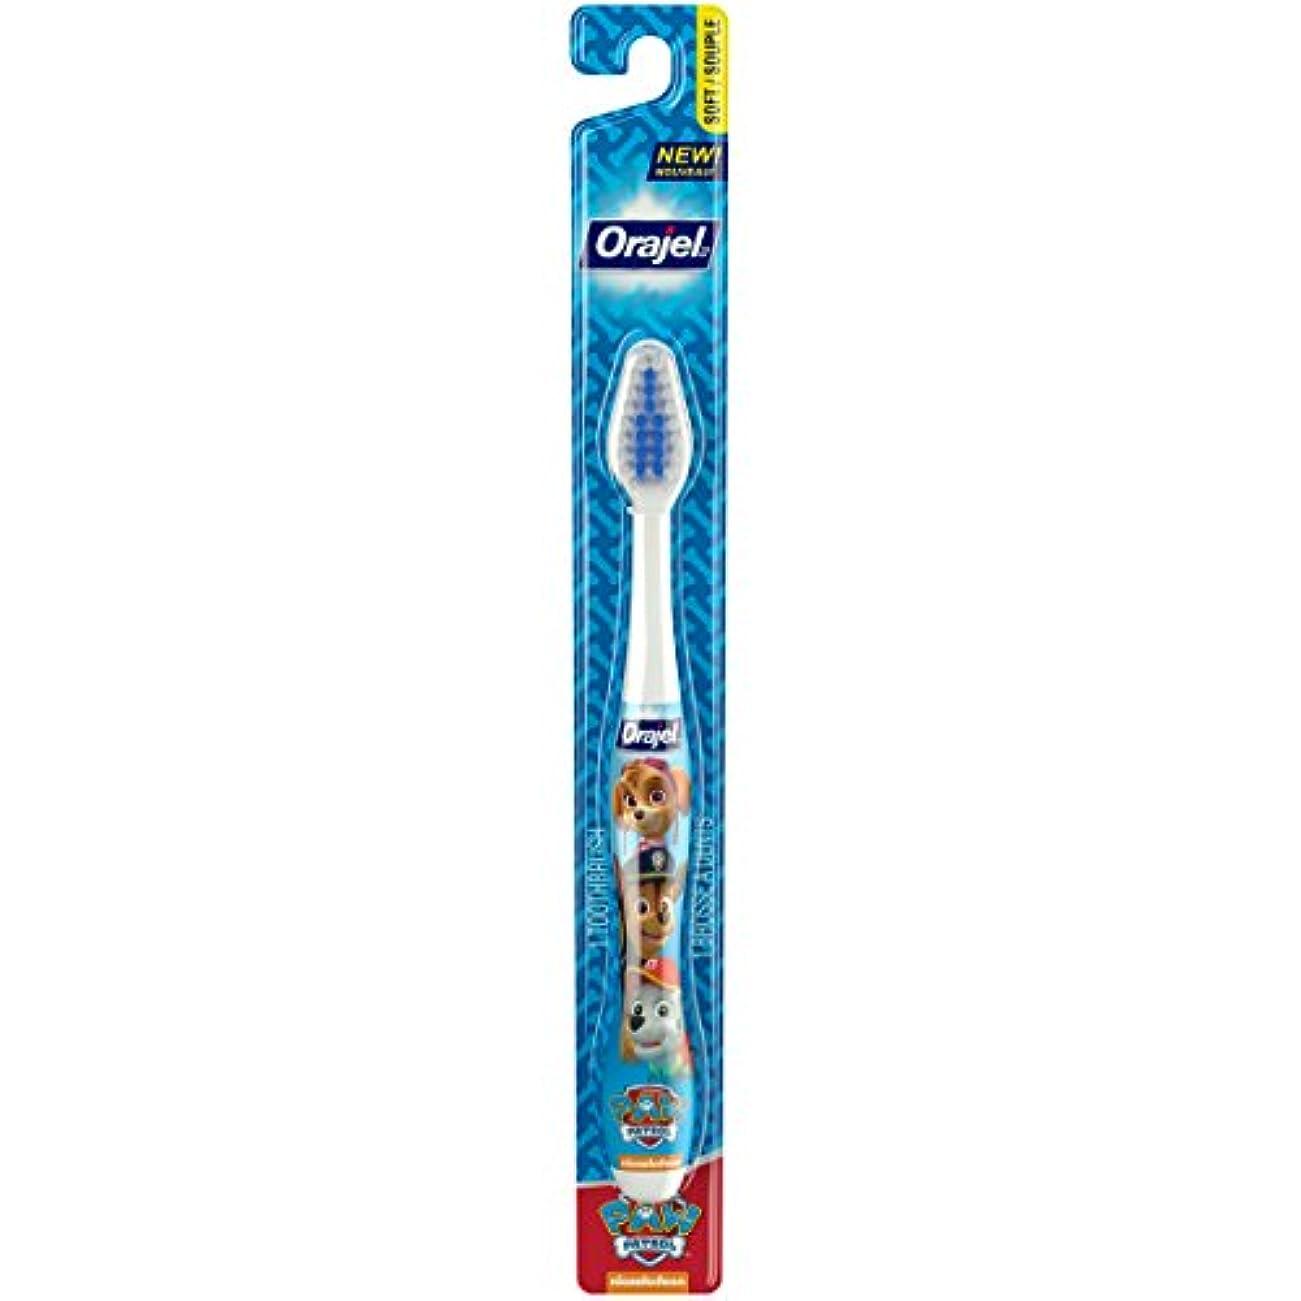 悪名高い店員長くするOrajel ポウパトロール幼児の歯ブラシ